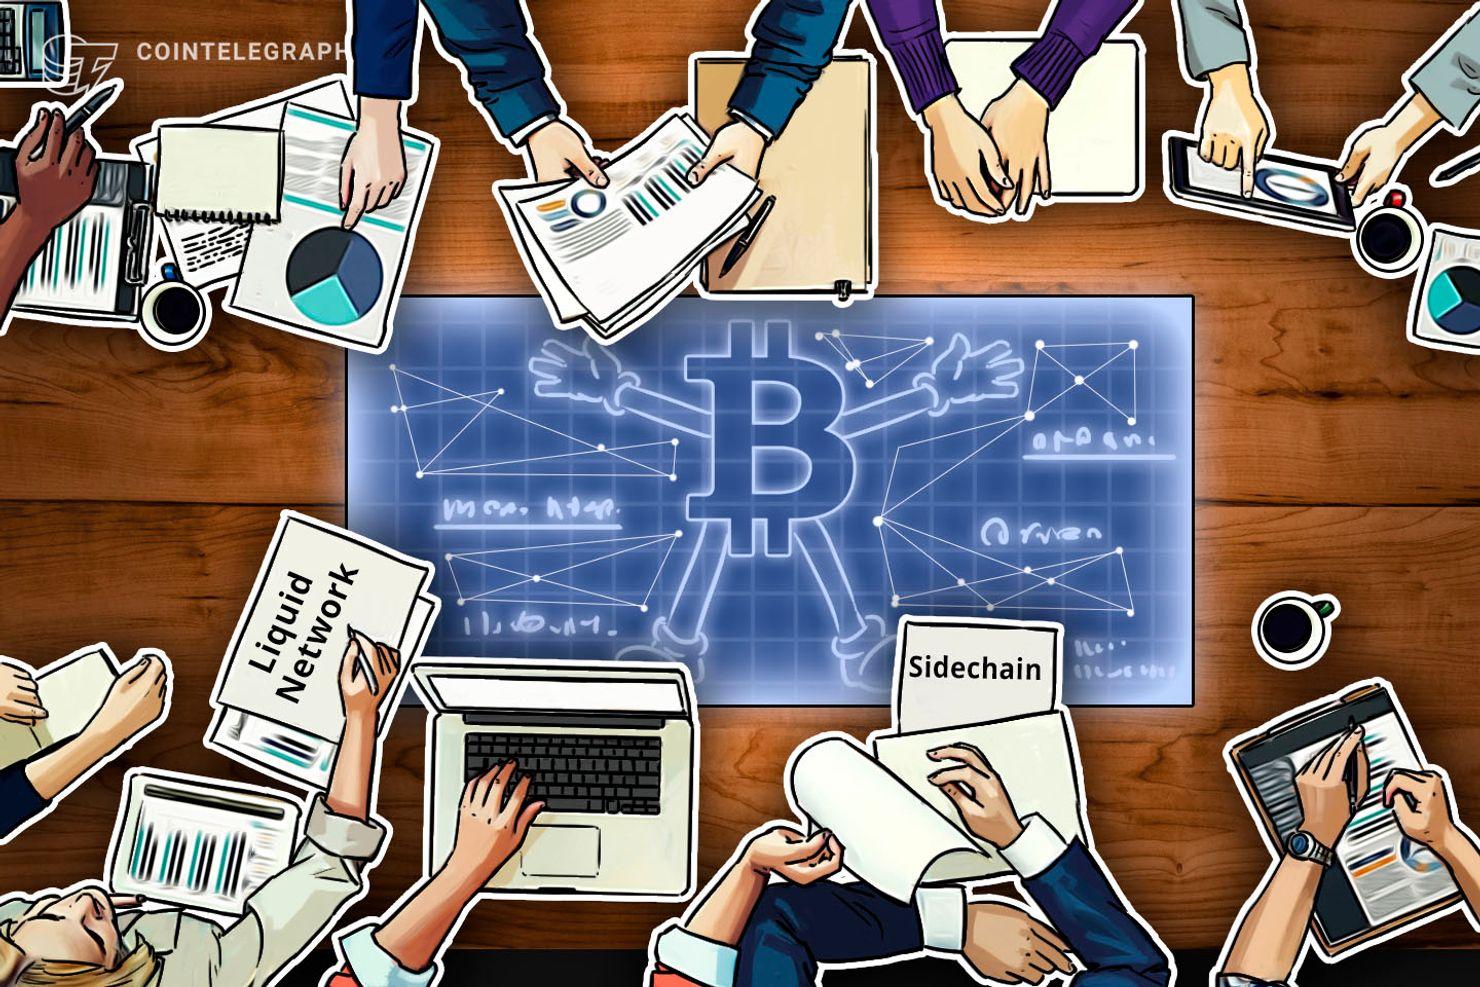 仮想通貨ビットコインのサイドチェーン「リキッド」、決済処理のBTCペイをサポート【ニュース】